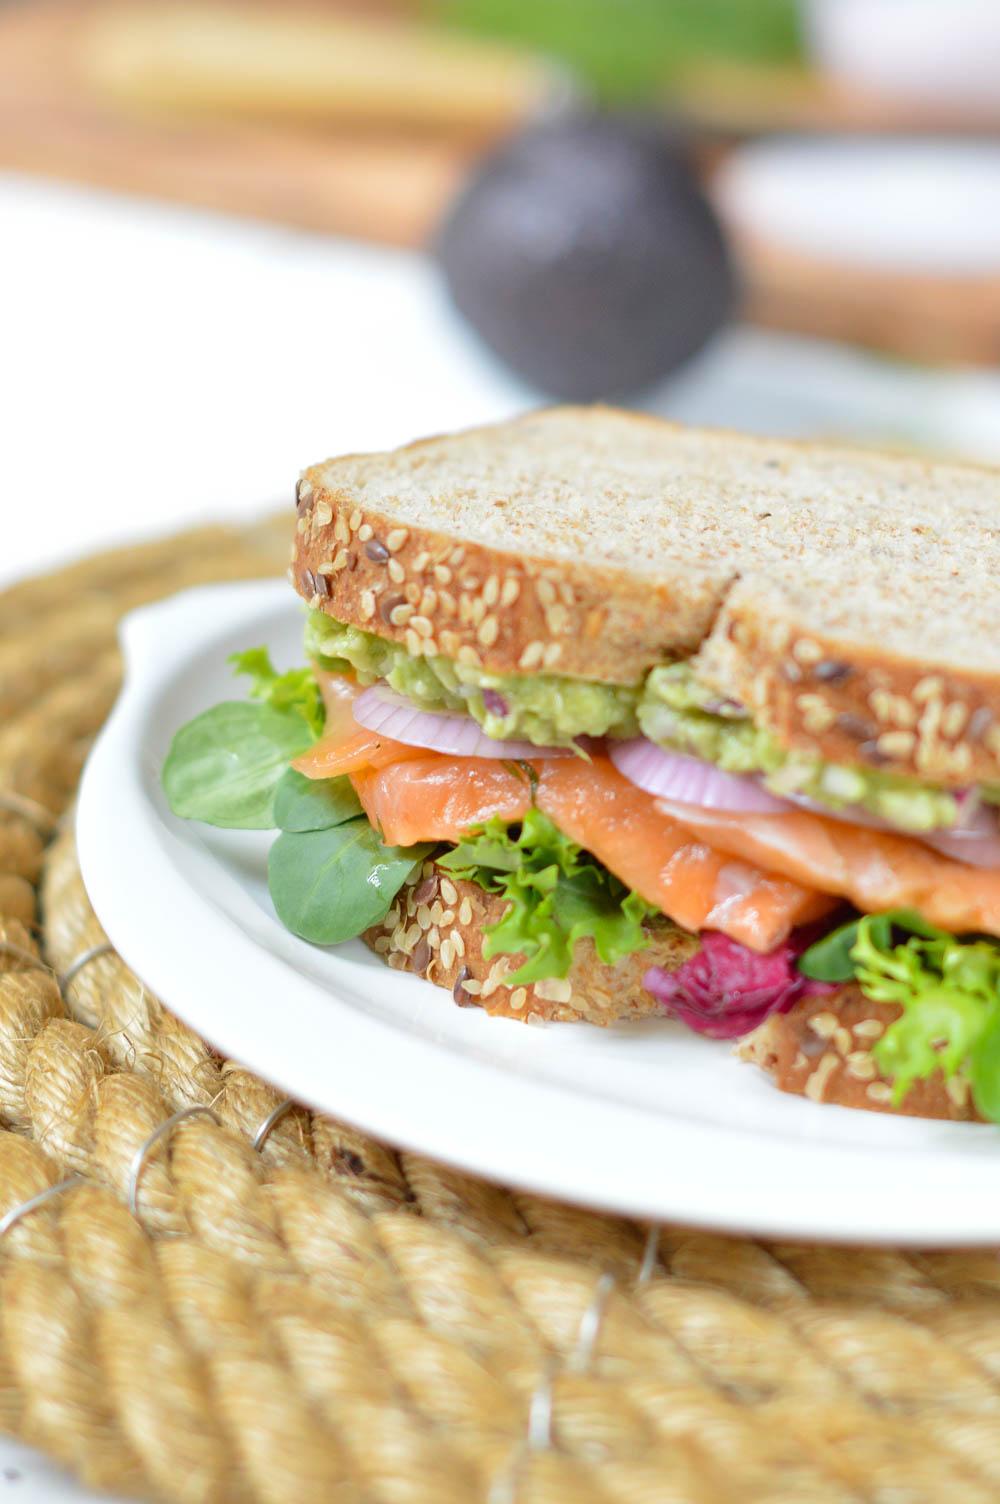 Sándwich de Salmón y Aguacate con salsa de Eneldo - Oroweat